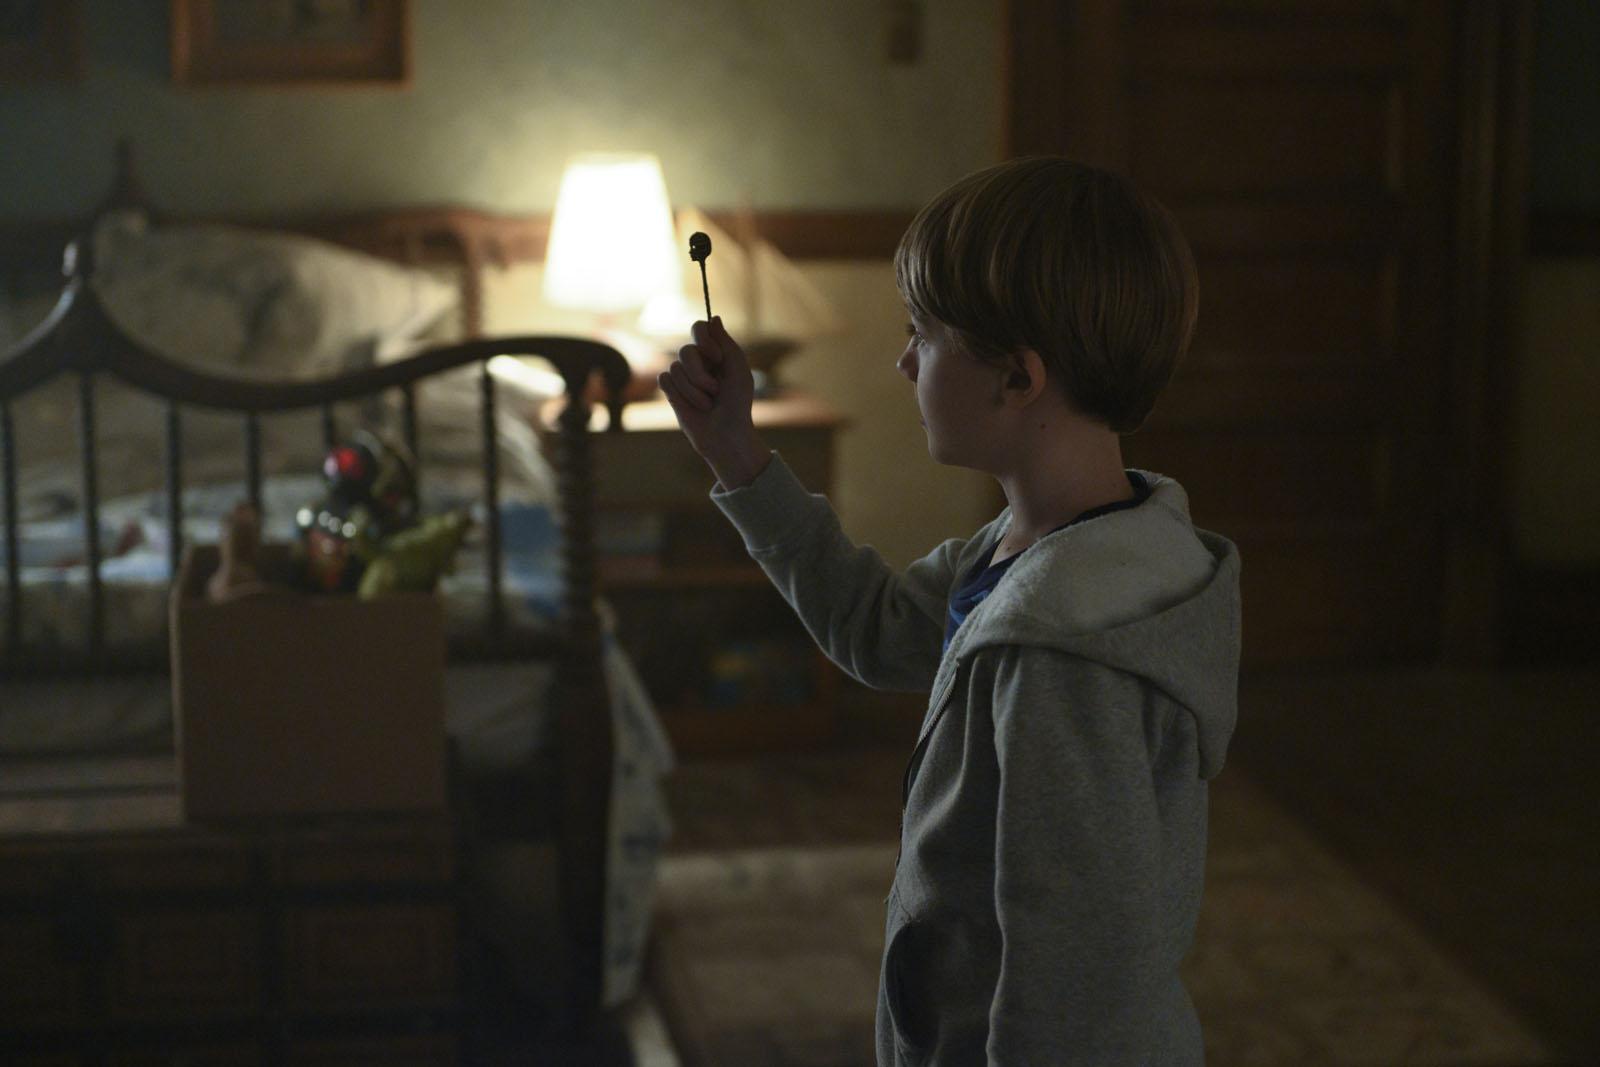 Bode es, sin lugar a dudas, el mejor personaje de la serie de Locke & Key